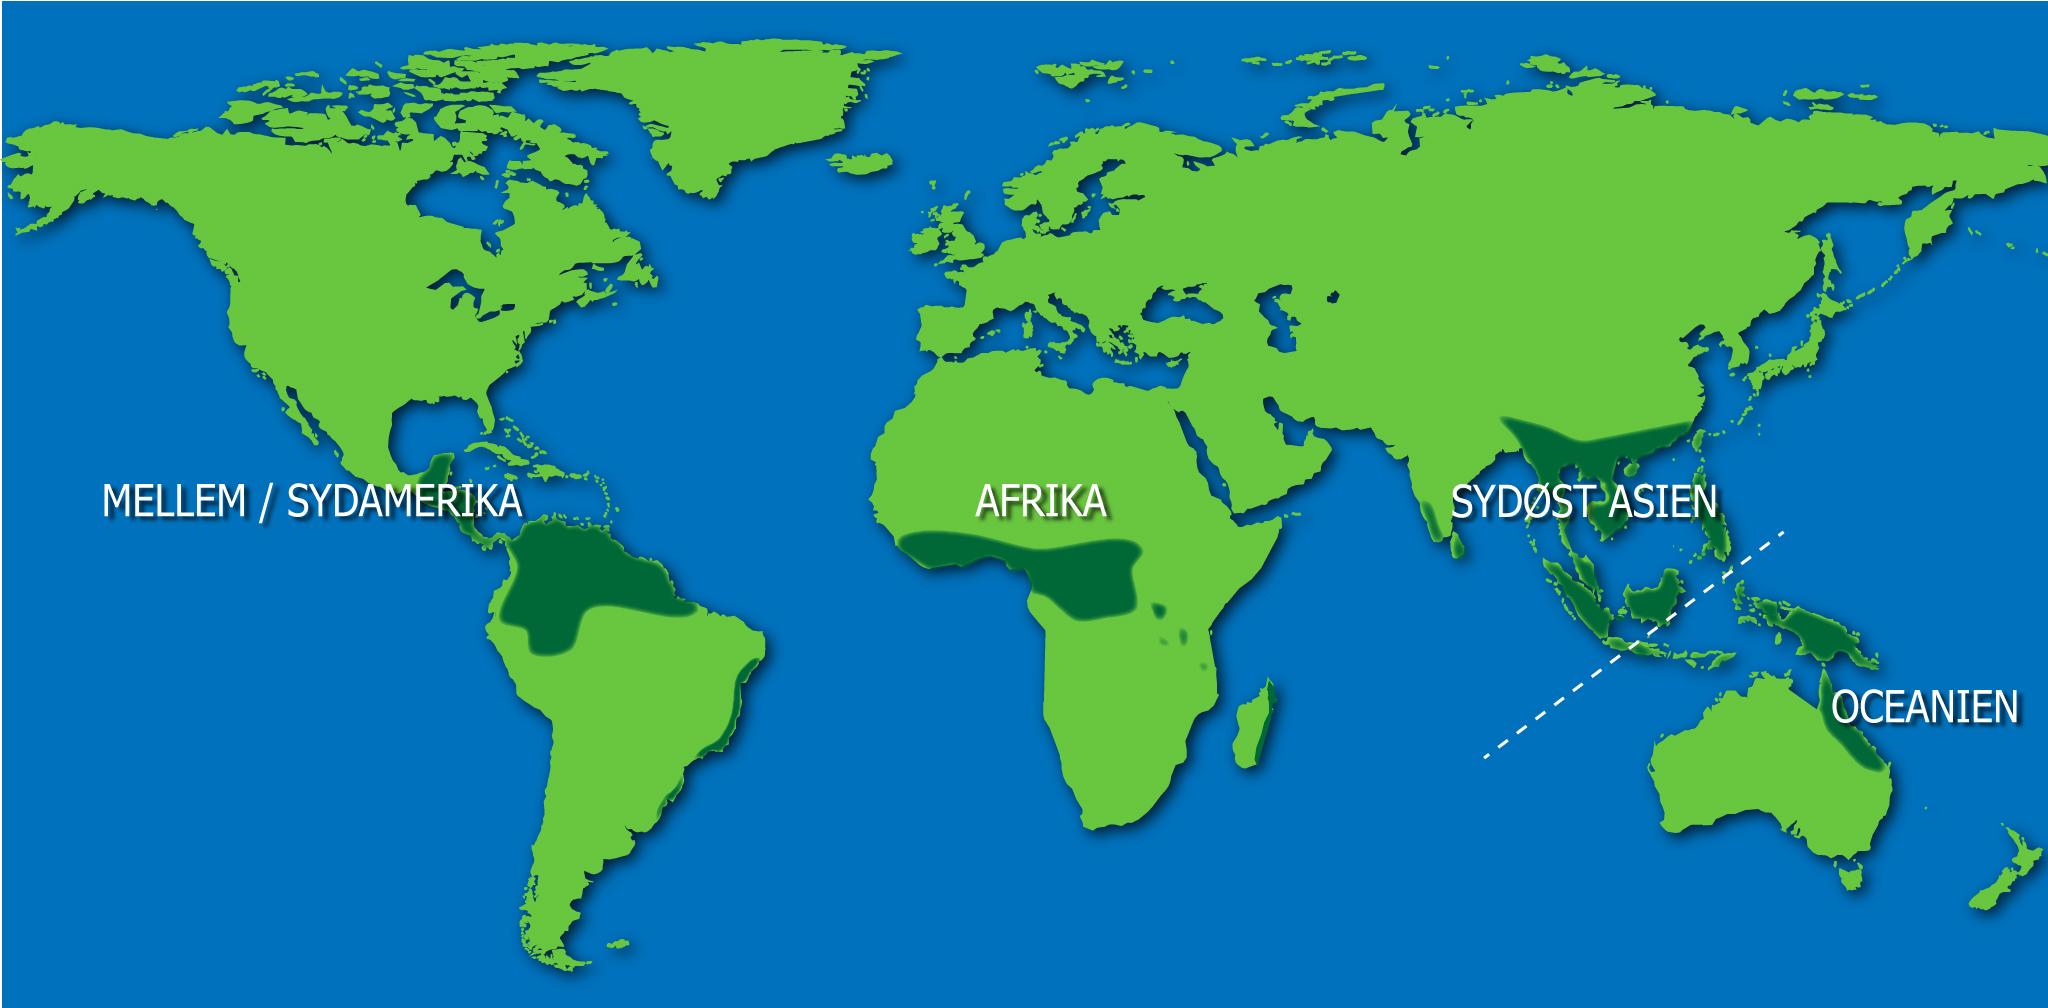 Oprindelige folk på Kontinenterne